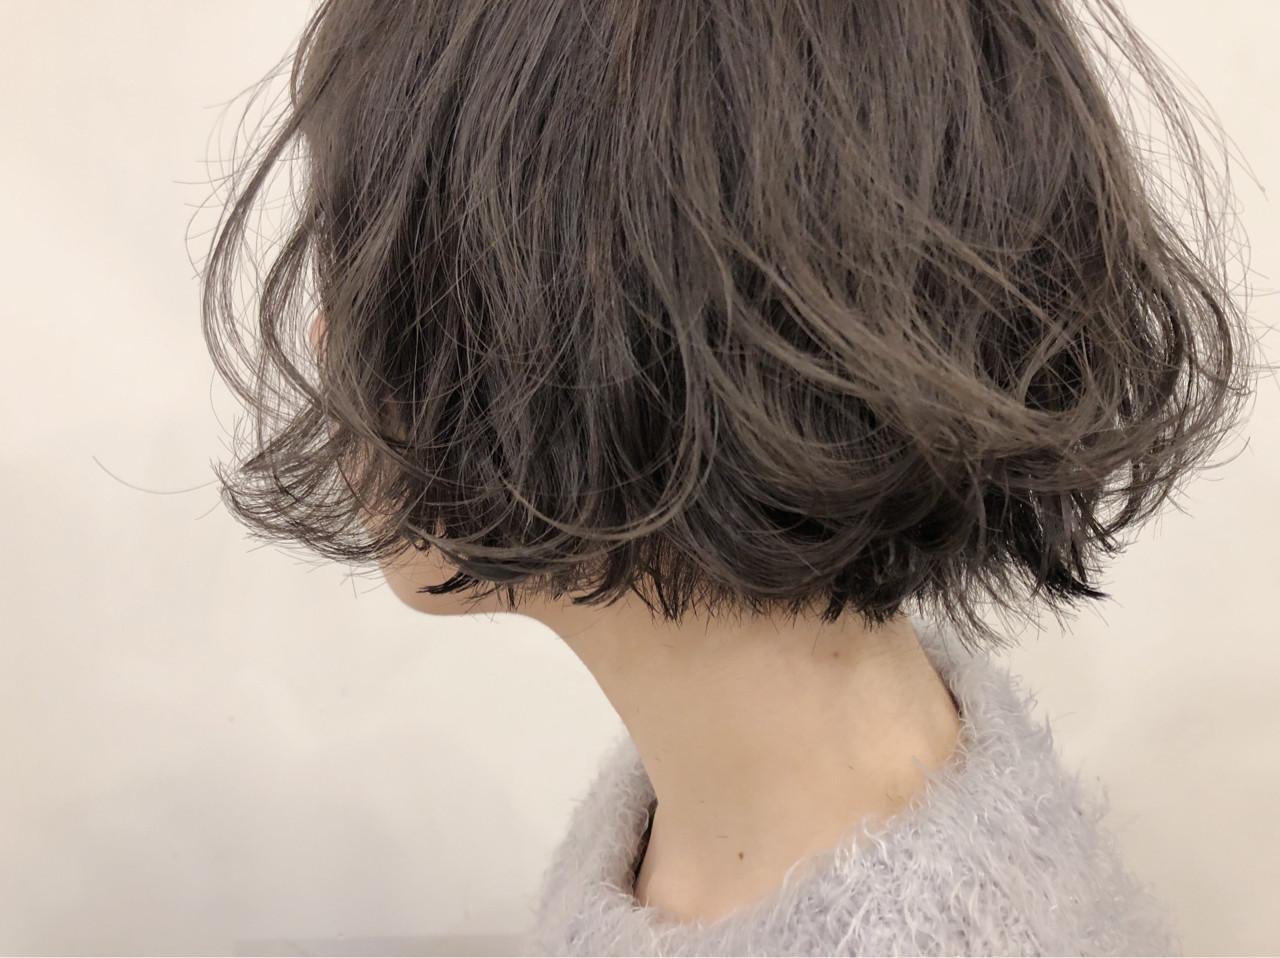 ゆるふわでくせ毛をカバー♡人気のショートヘア ニシムラ カナ